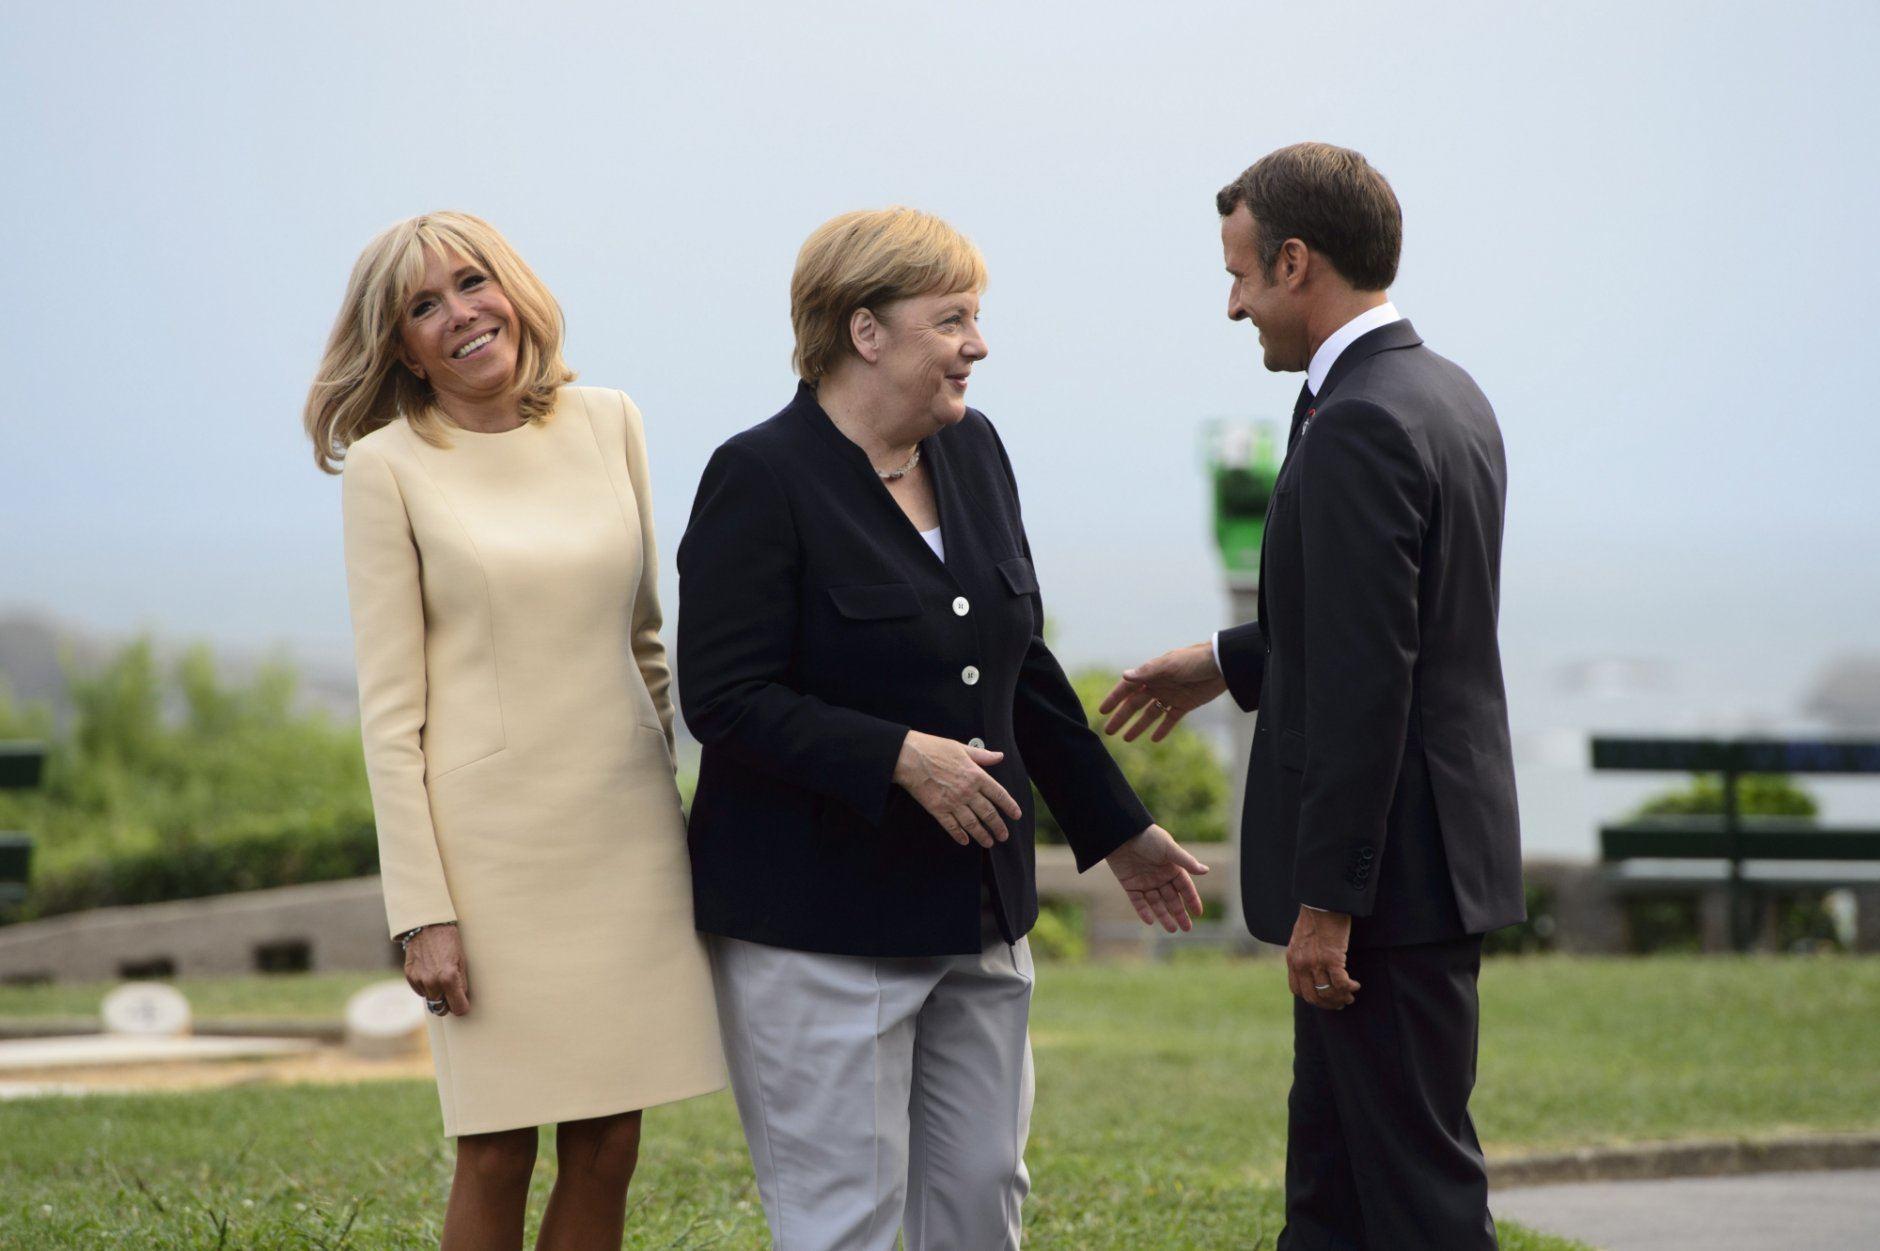 Emmanuel Macron, Brigitte Macron, Angela Merkel